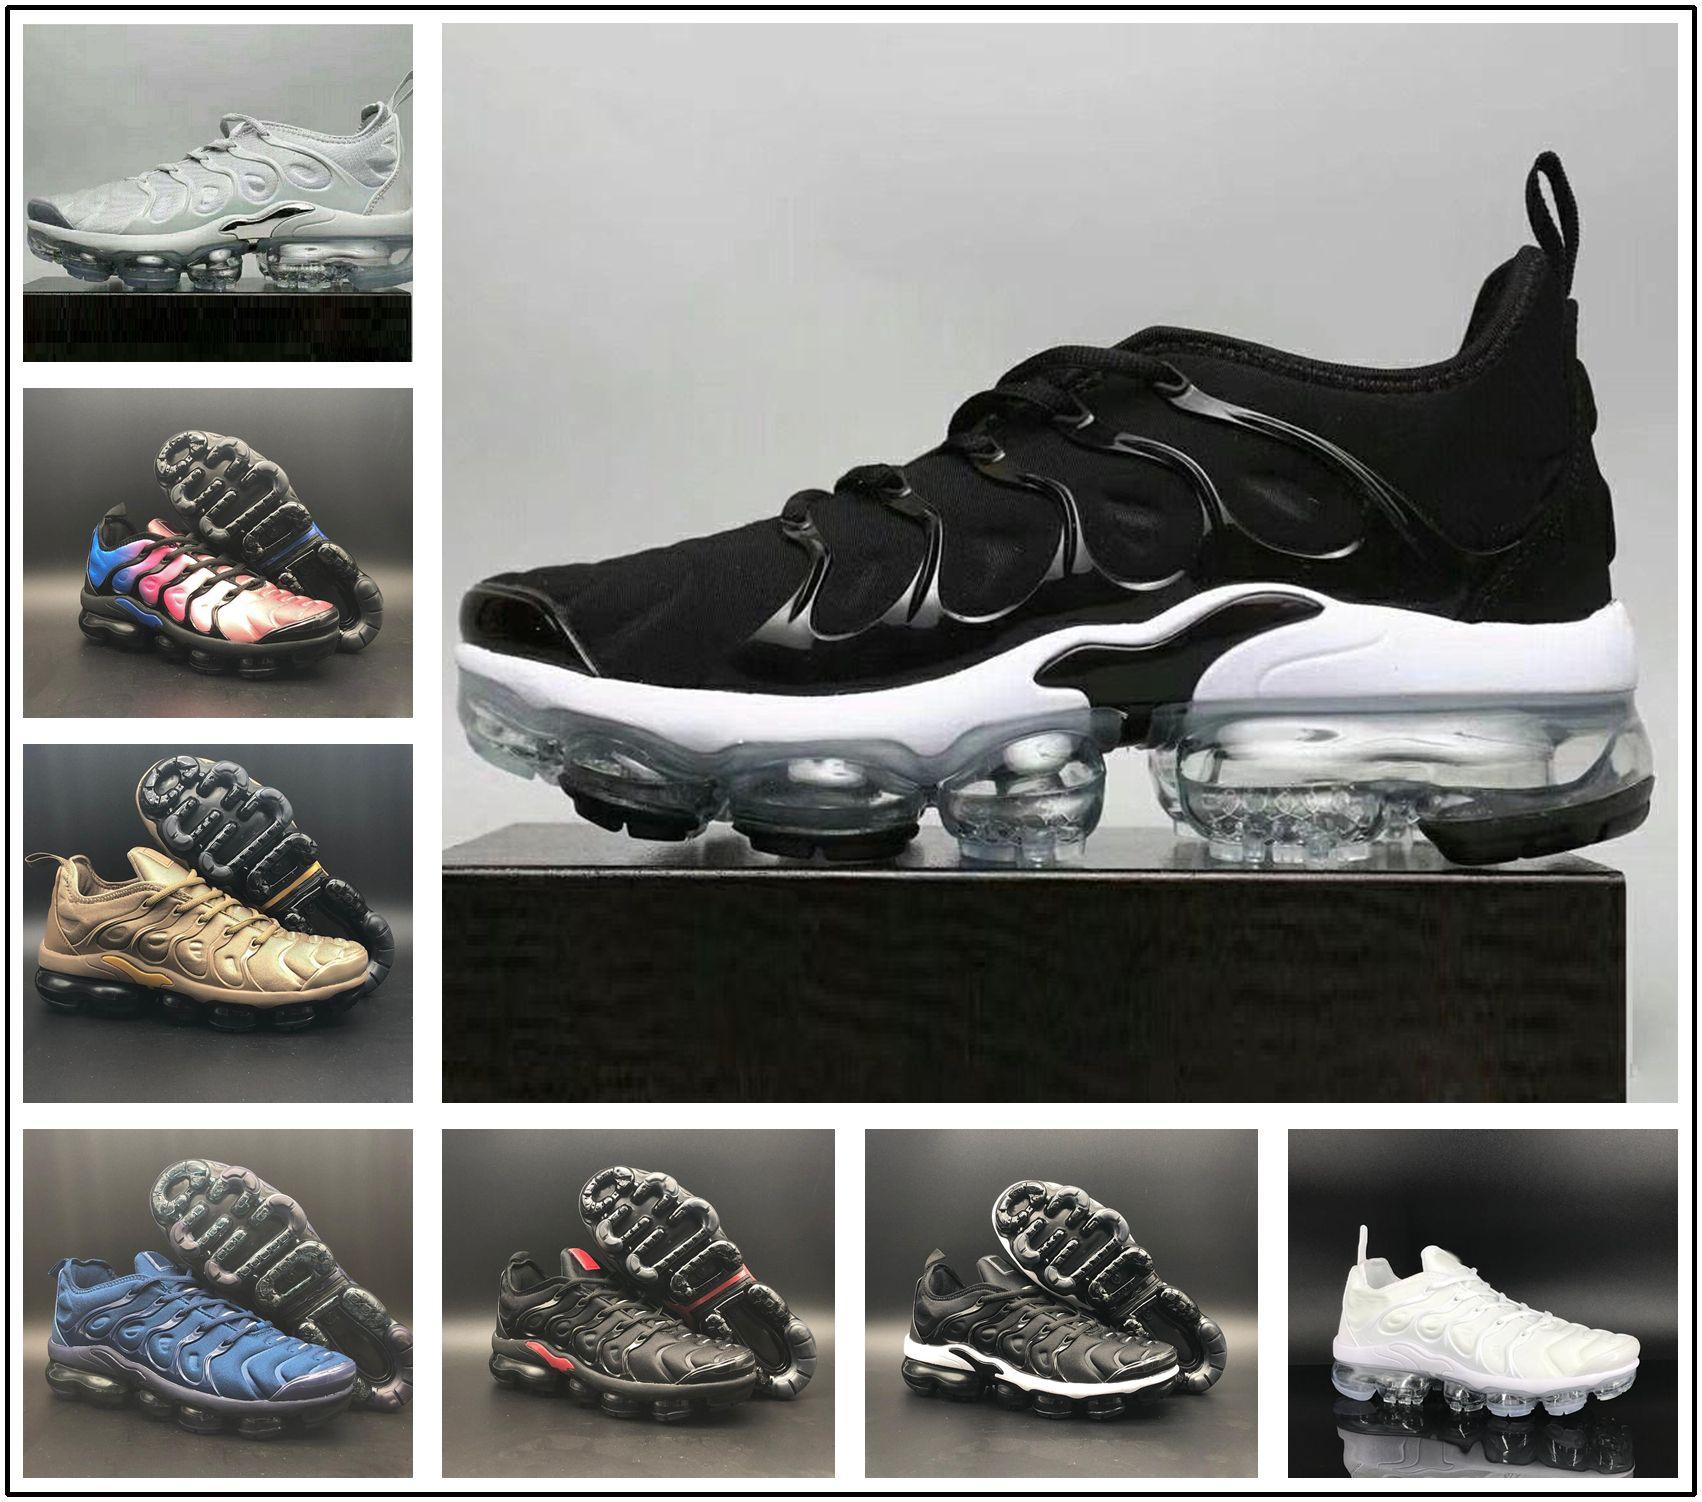 release date 8e3fb 8b6b7 Acheter Nike TN Plus Vapormax Air Max Airmax 2019 TN Plus VM Air Sole  Hommes Femmes Designer Chaussures De Course En Métallique Le Plus Récent  Athlétique ...